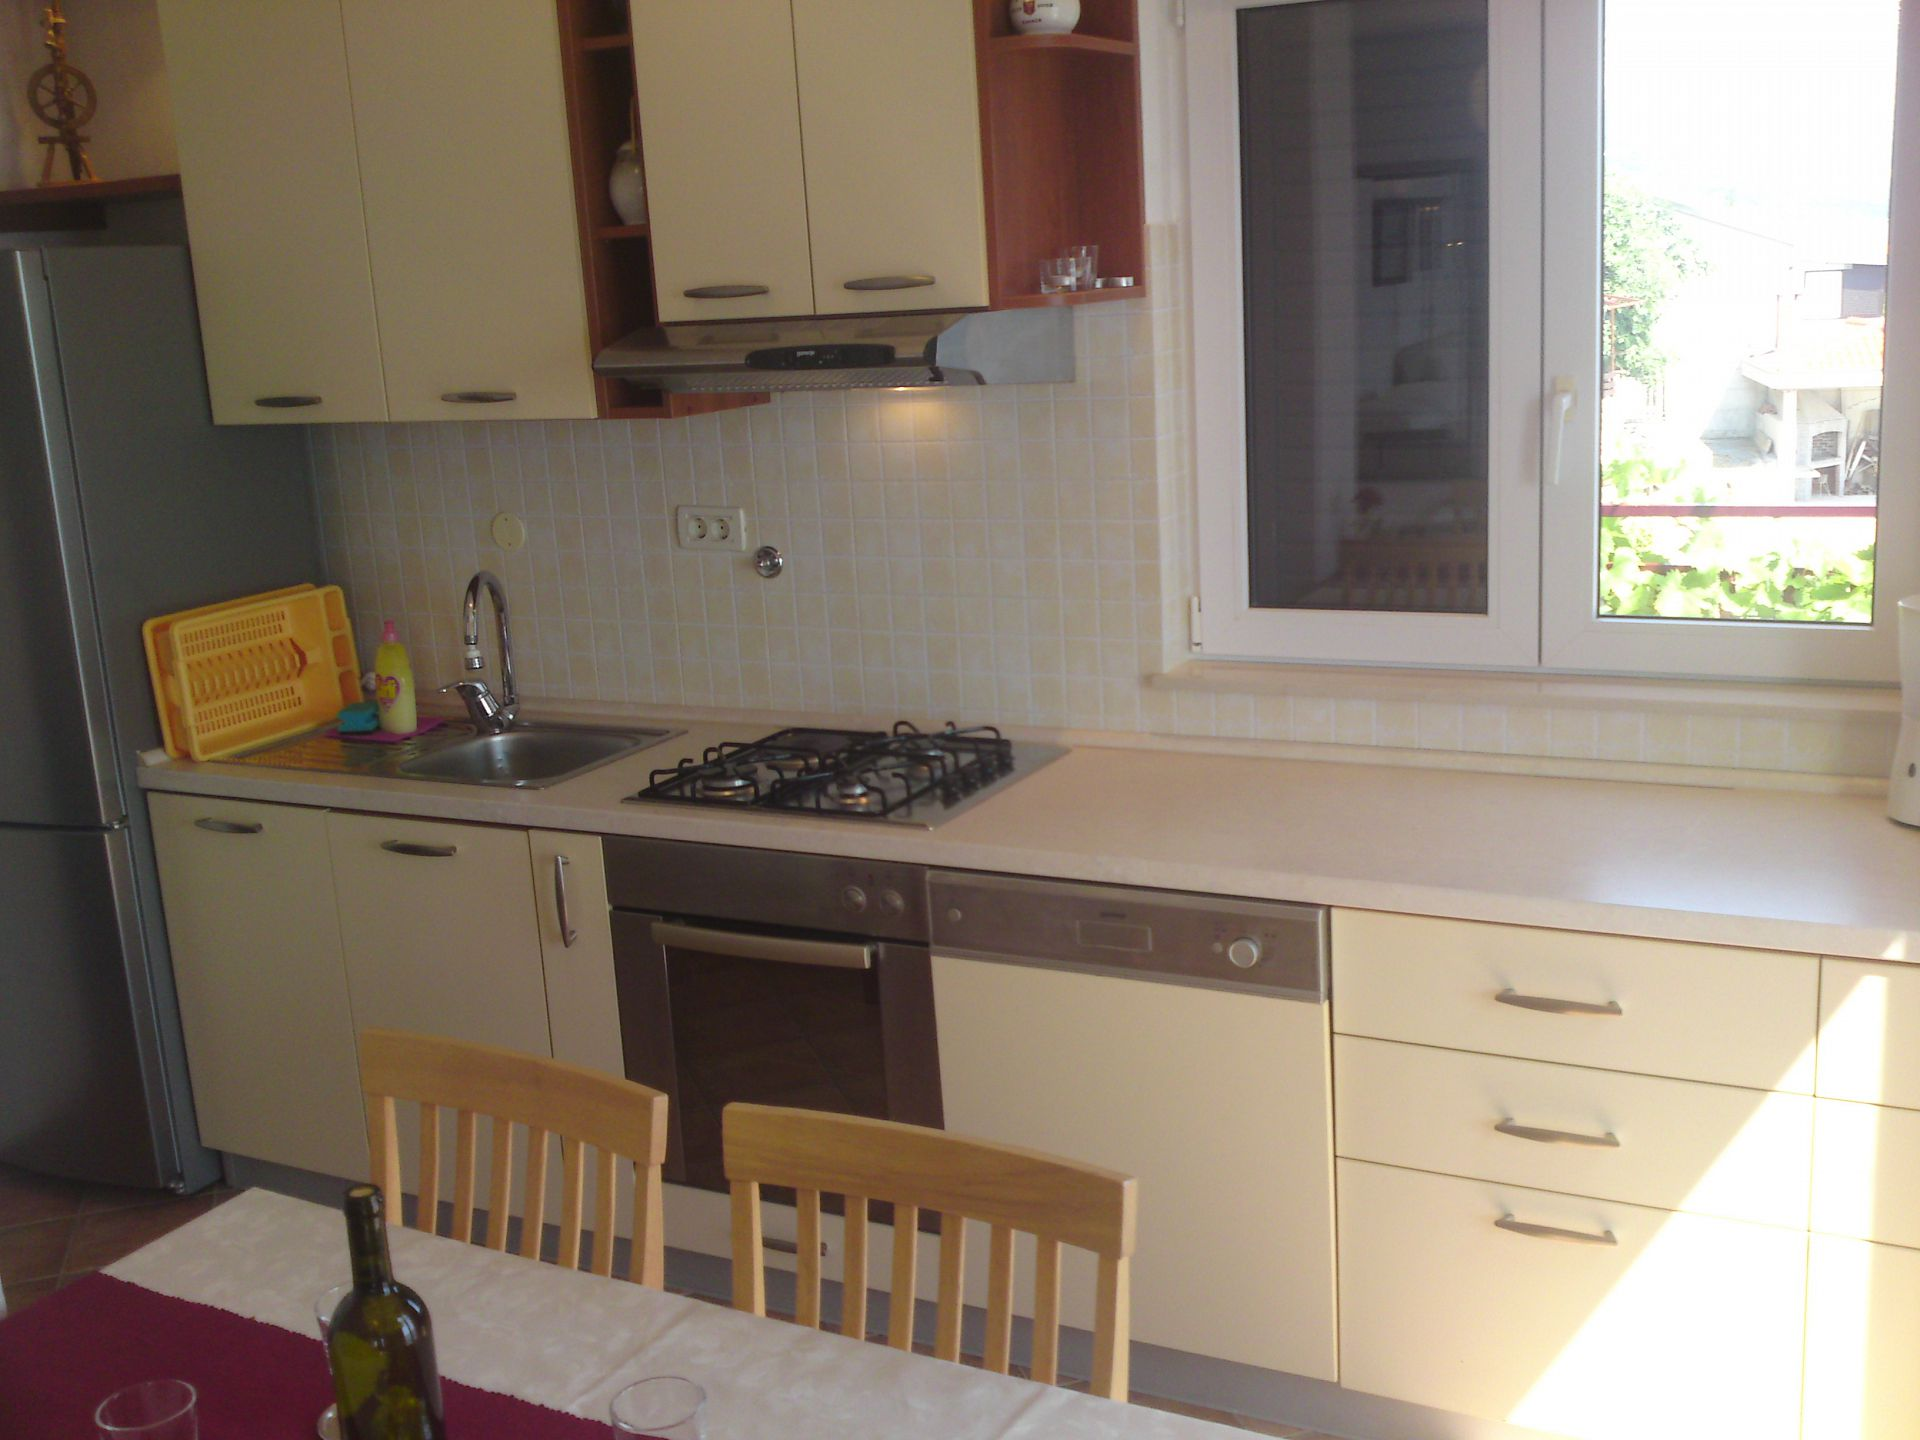 00209PISA  - Pisak - Ferienwohnungen Kroatien - A5 (2+2): Küche und Speisezimmer